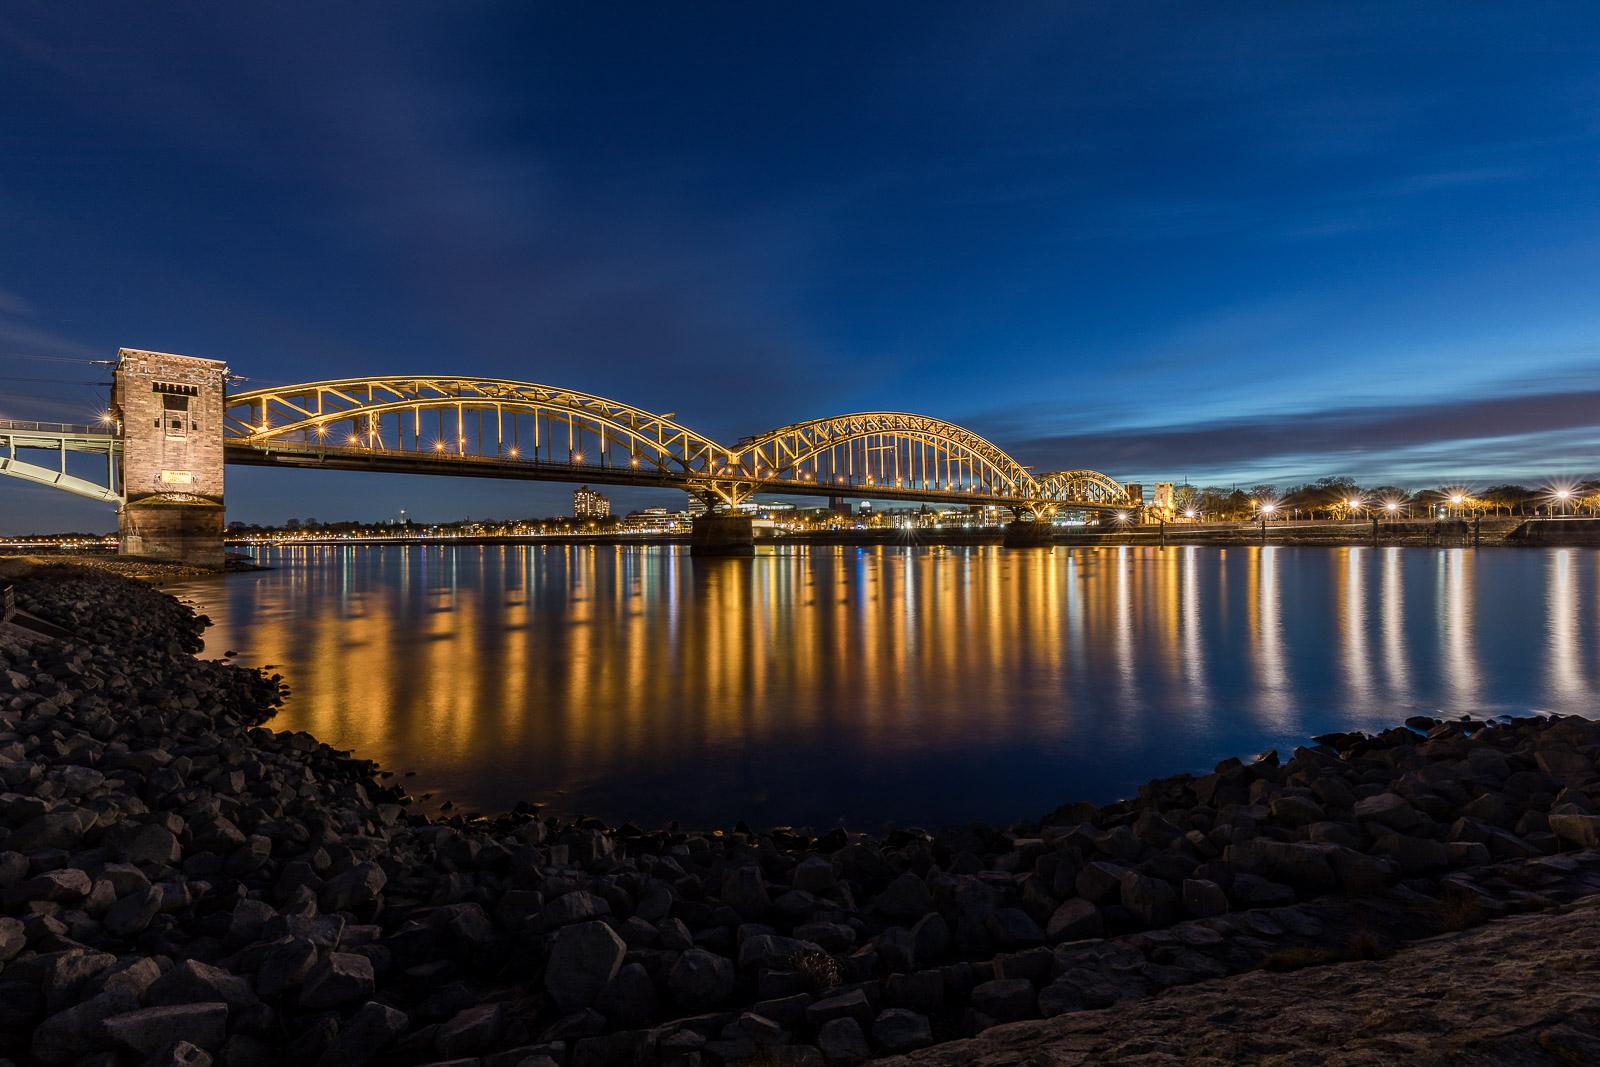 Südbrücke, Cologne, Germany, Germany